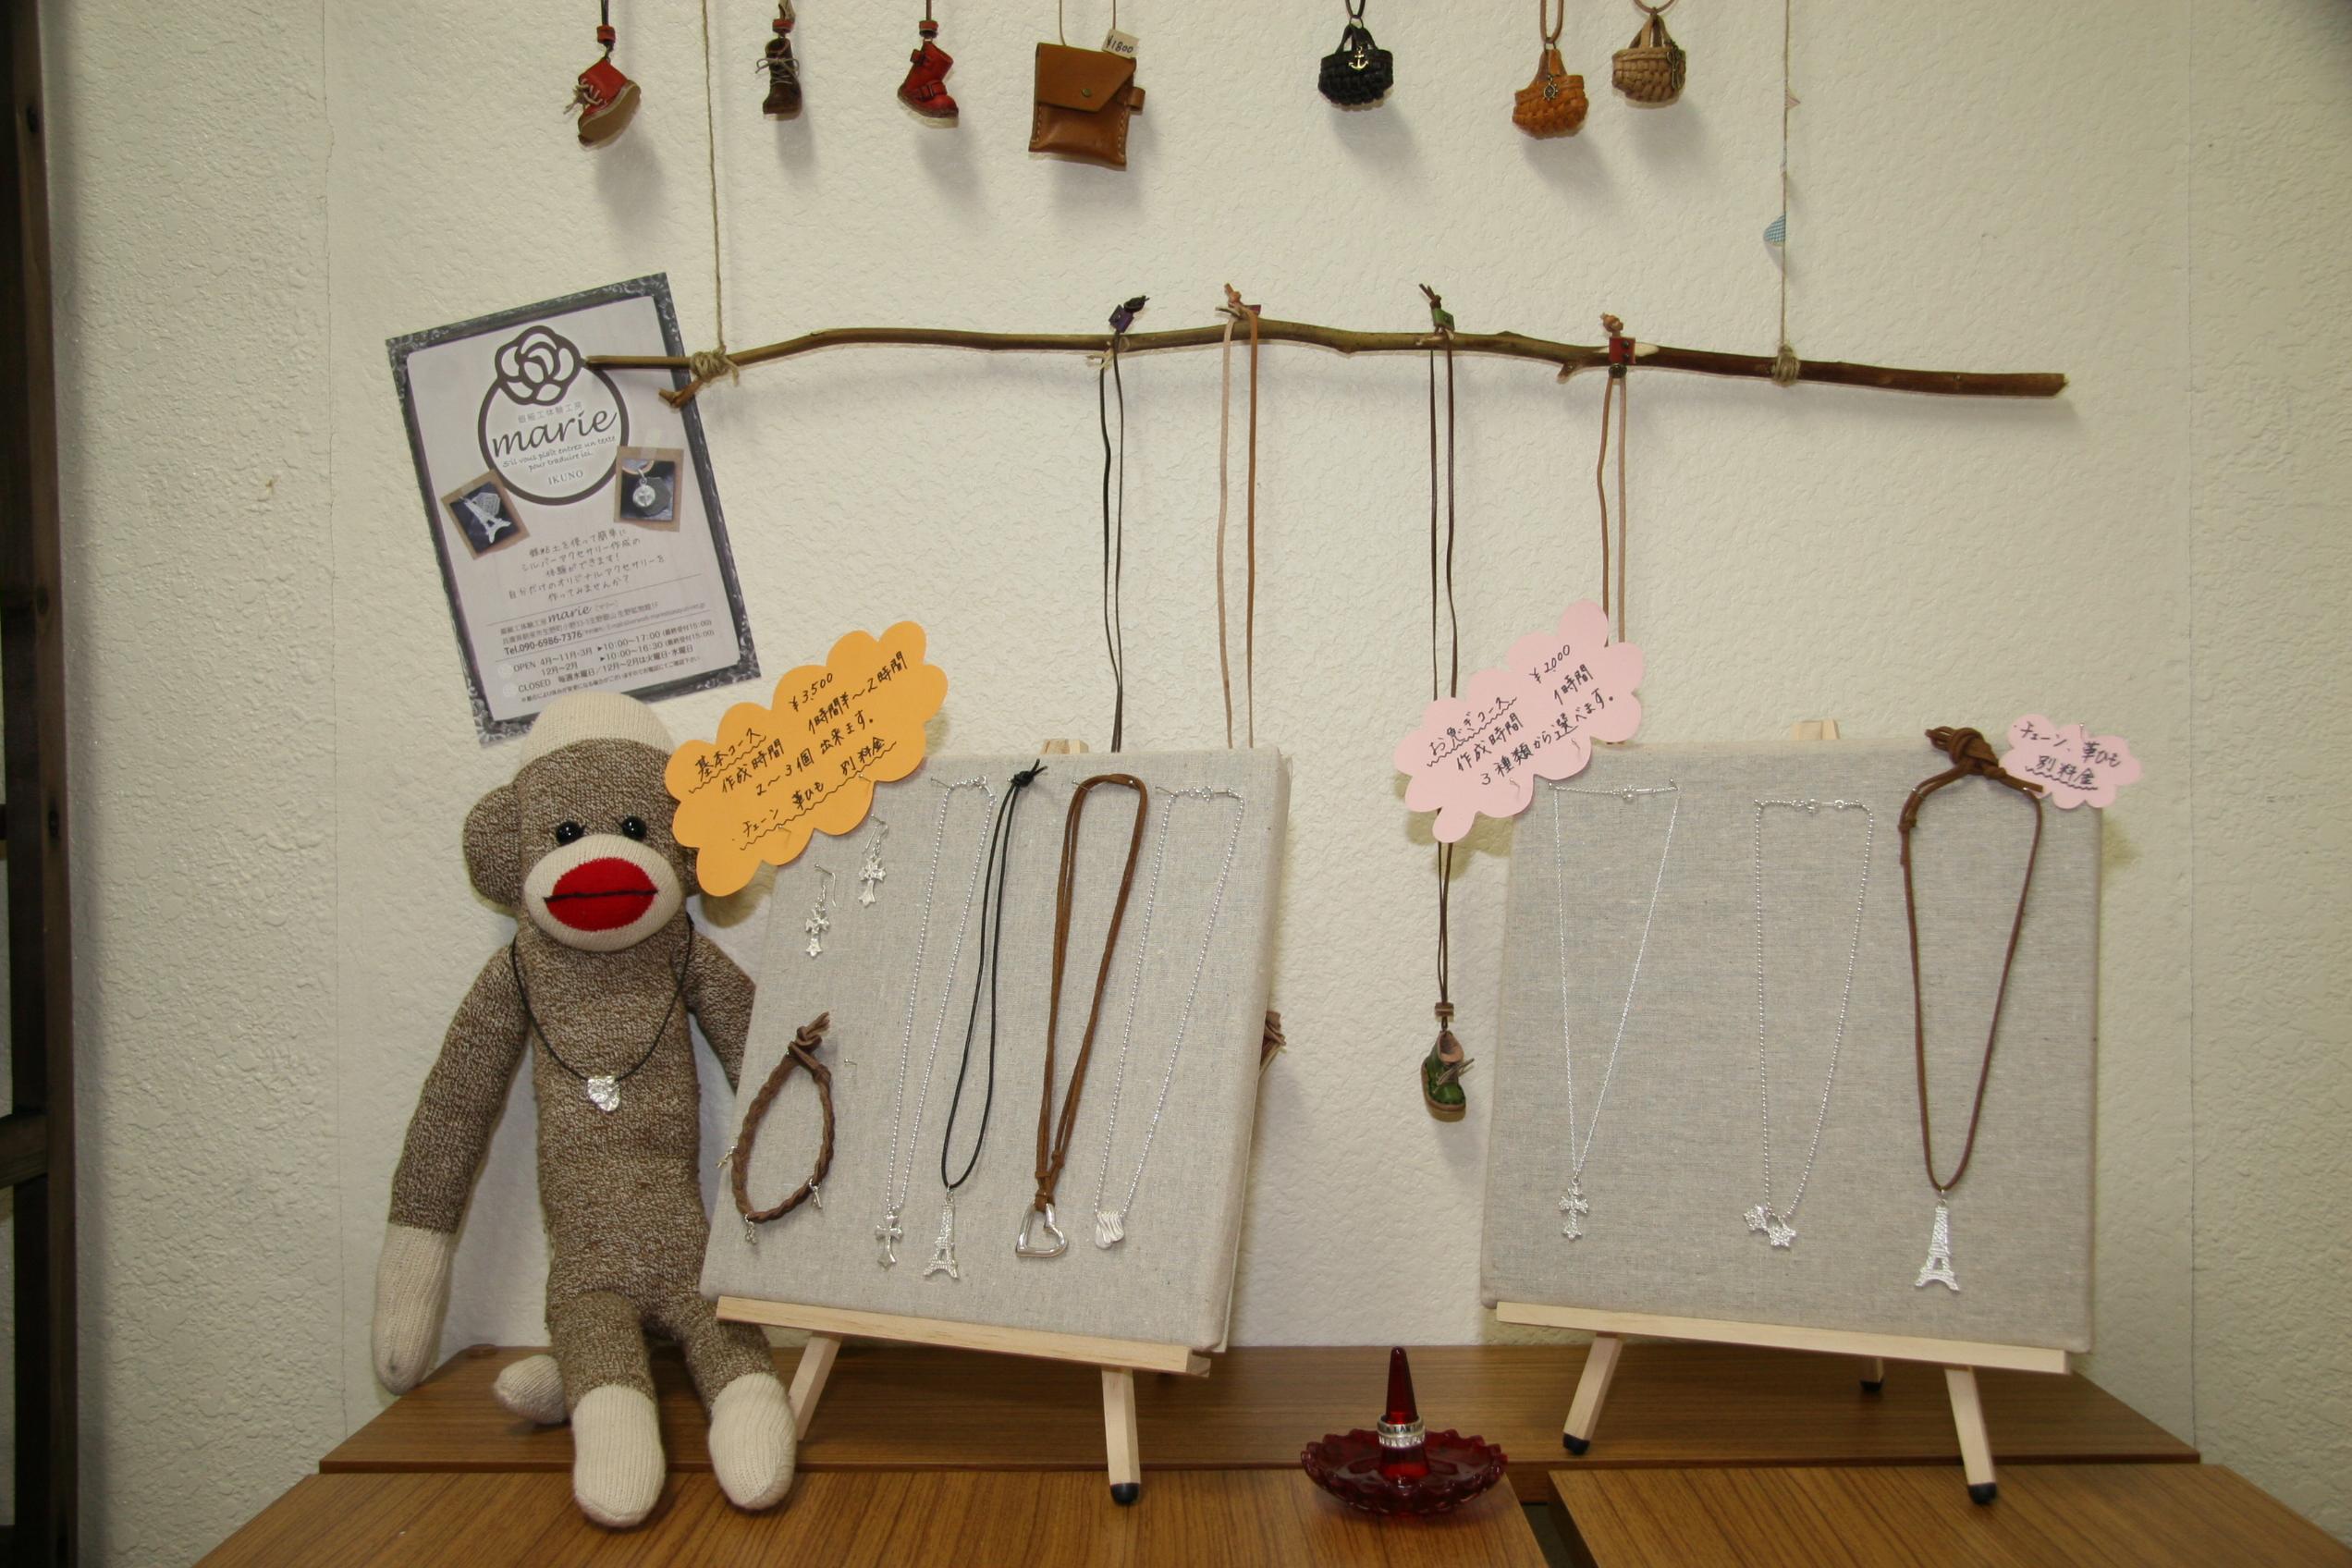 生野銀山の施設内に銀細工体験工房marie(マリー)がオープンしました。